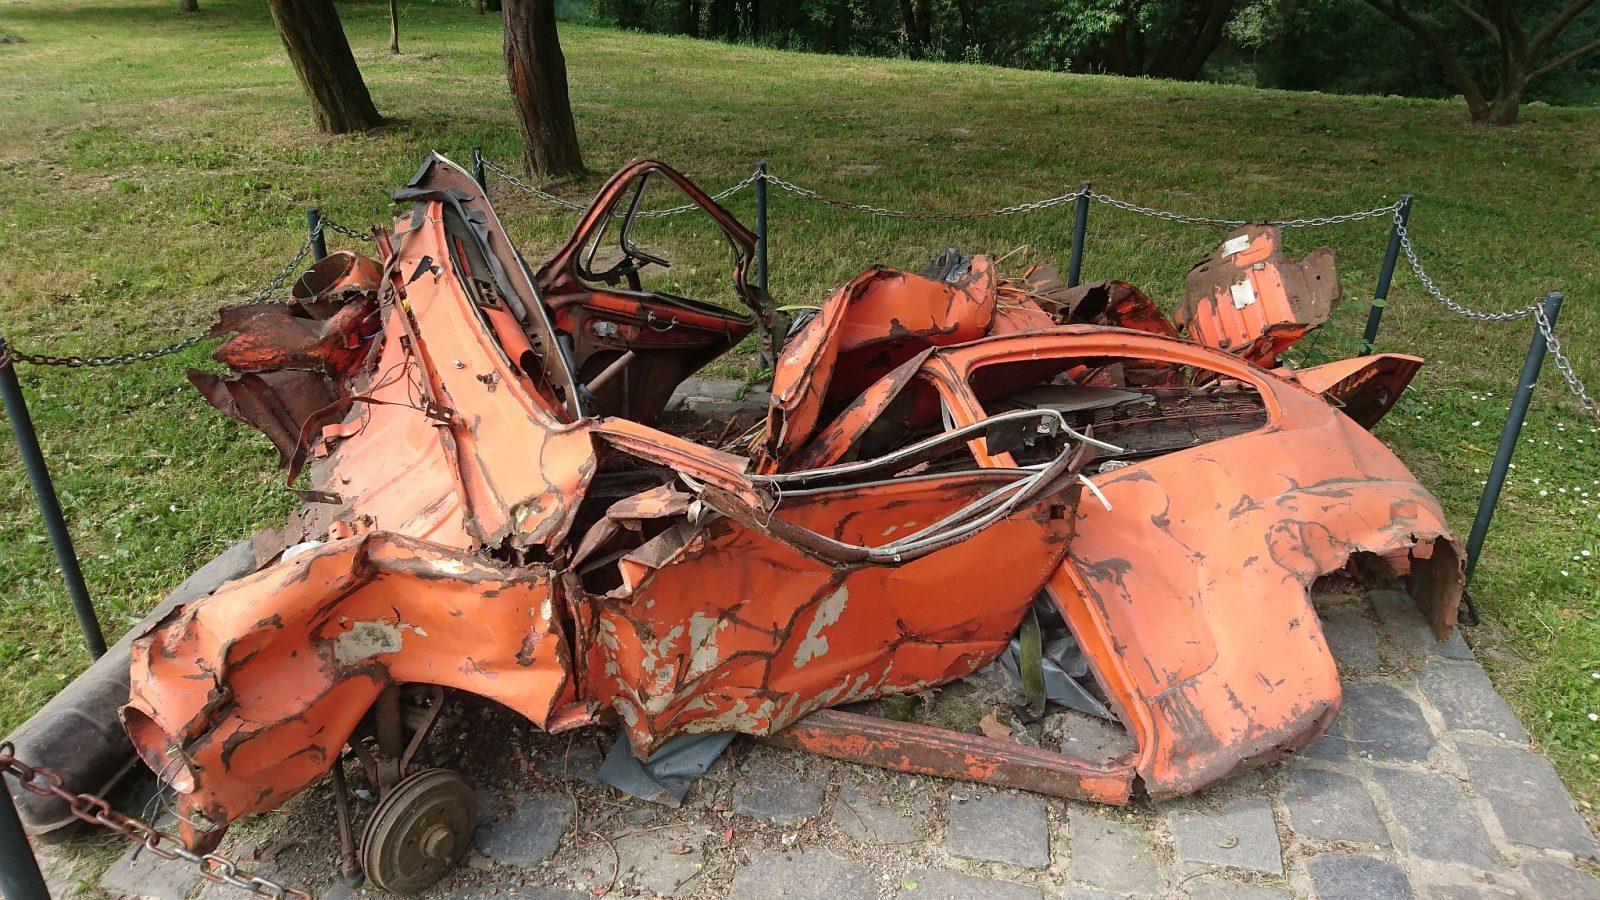 Nicht der Wartburg, aber ein alter Zastava im Bundek-Park, der bei einer Aufräumaktion aus einem Flussbett geholt wurde.